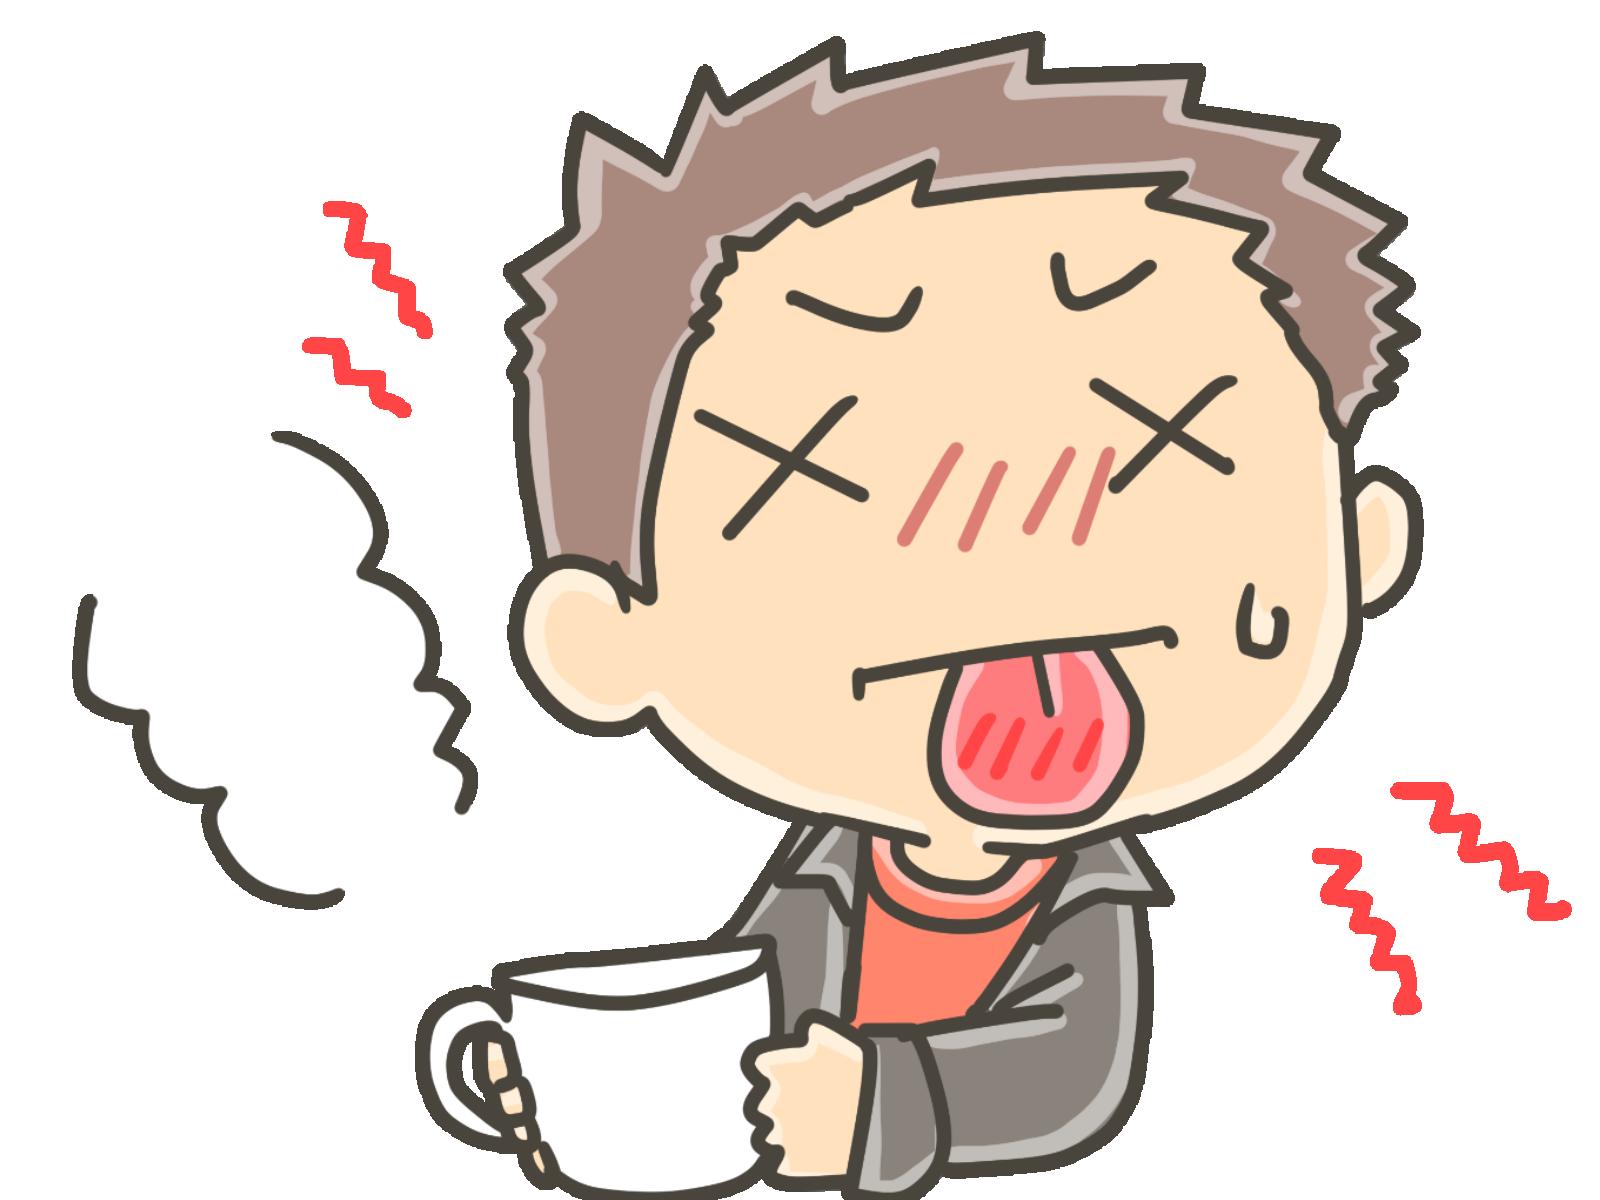 【オノマトペ】ひりひりの意味と例文